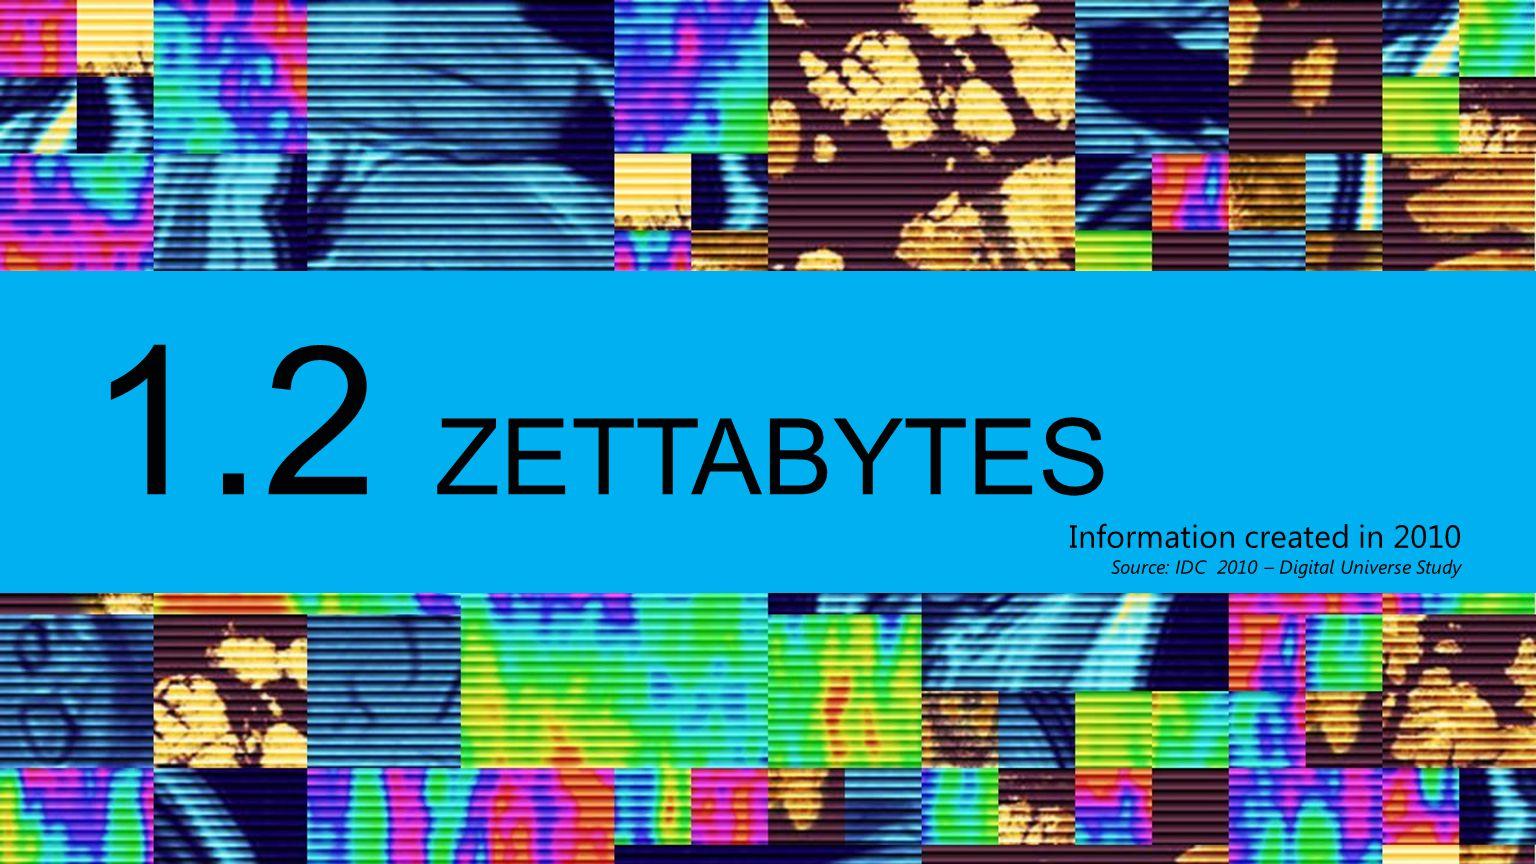 1.2 ZETTABYTES Information created in 2010